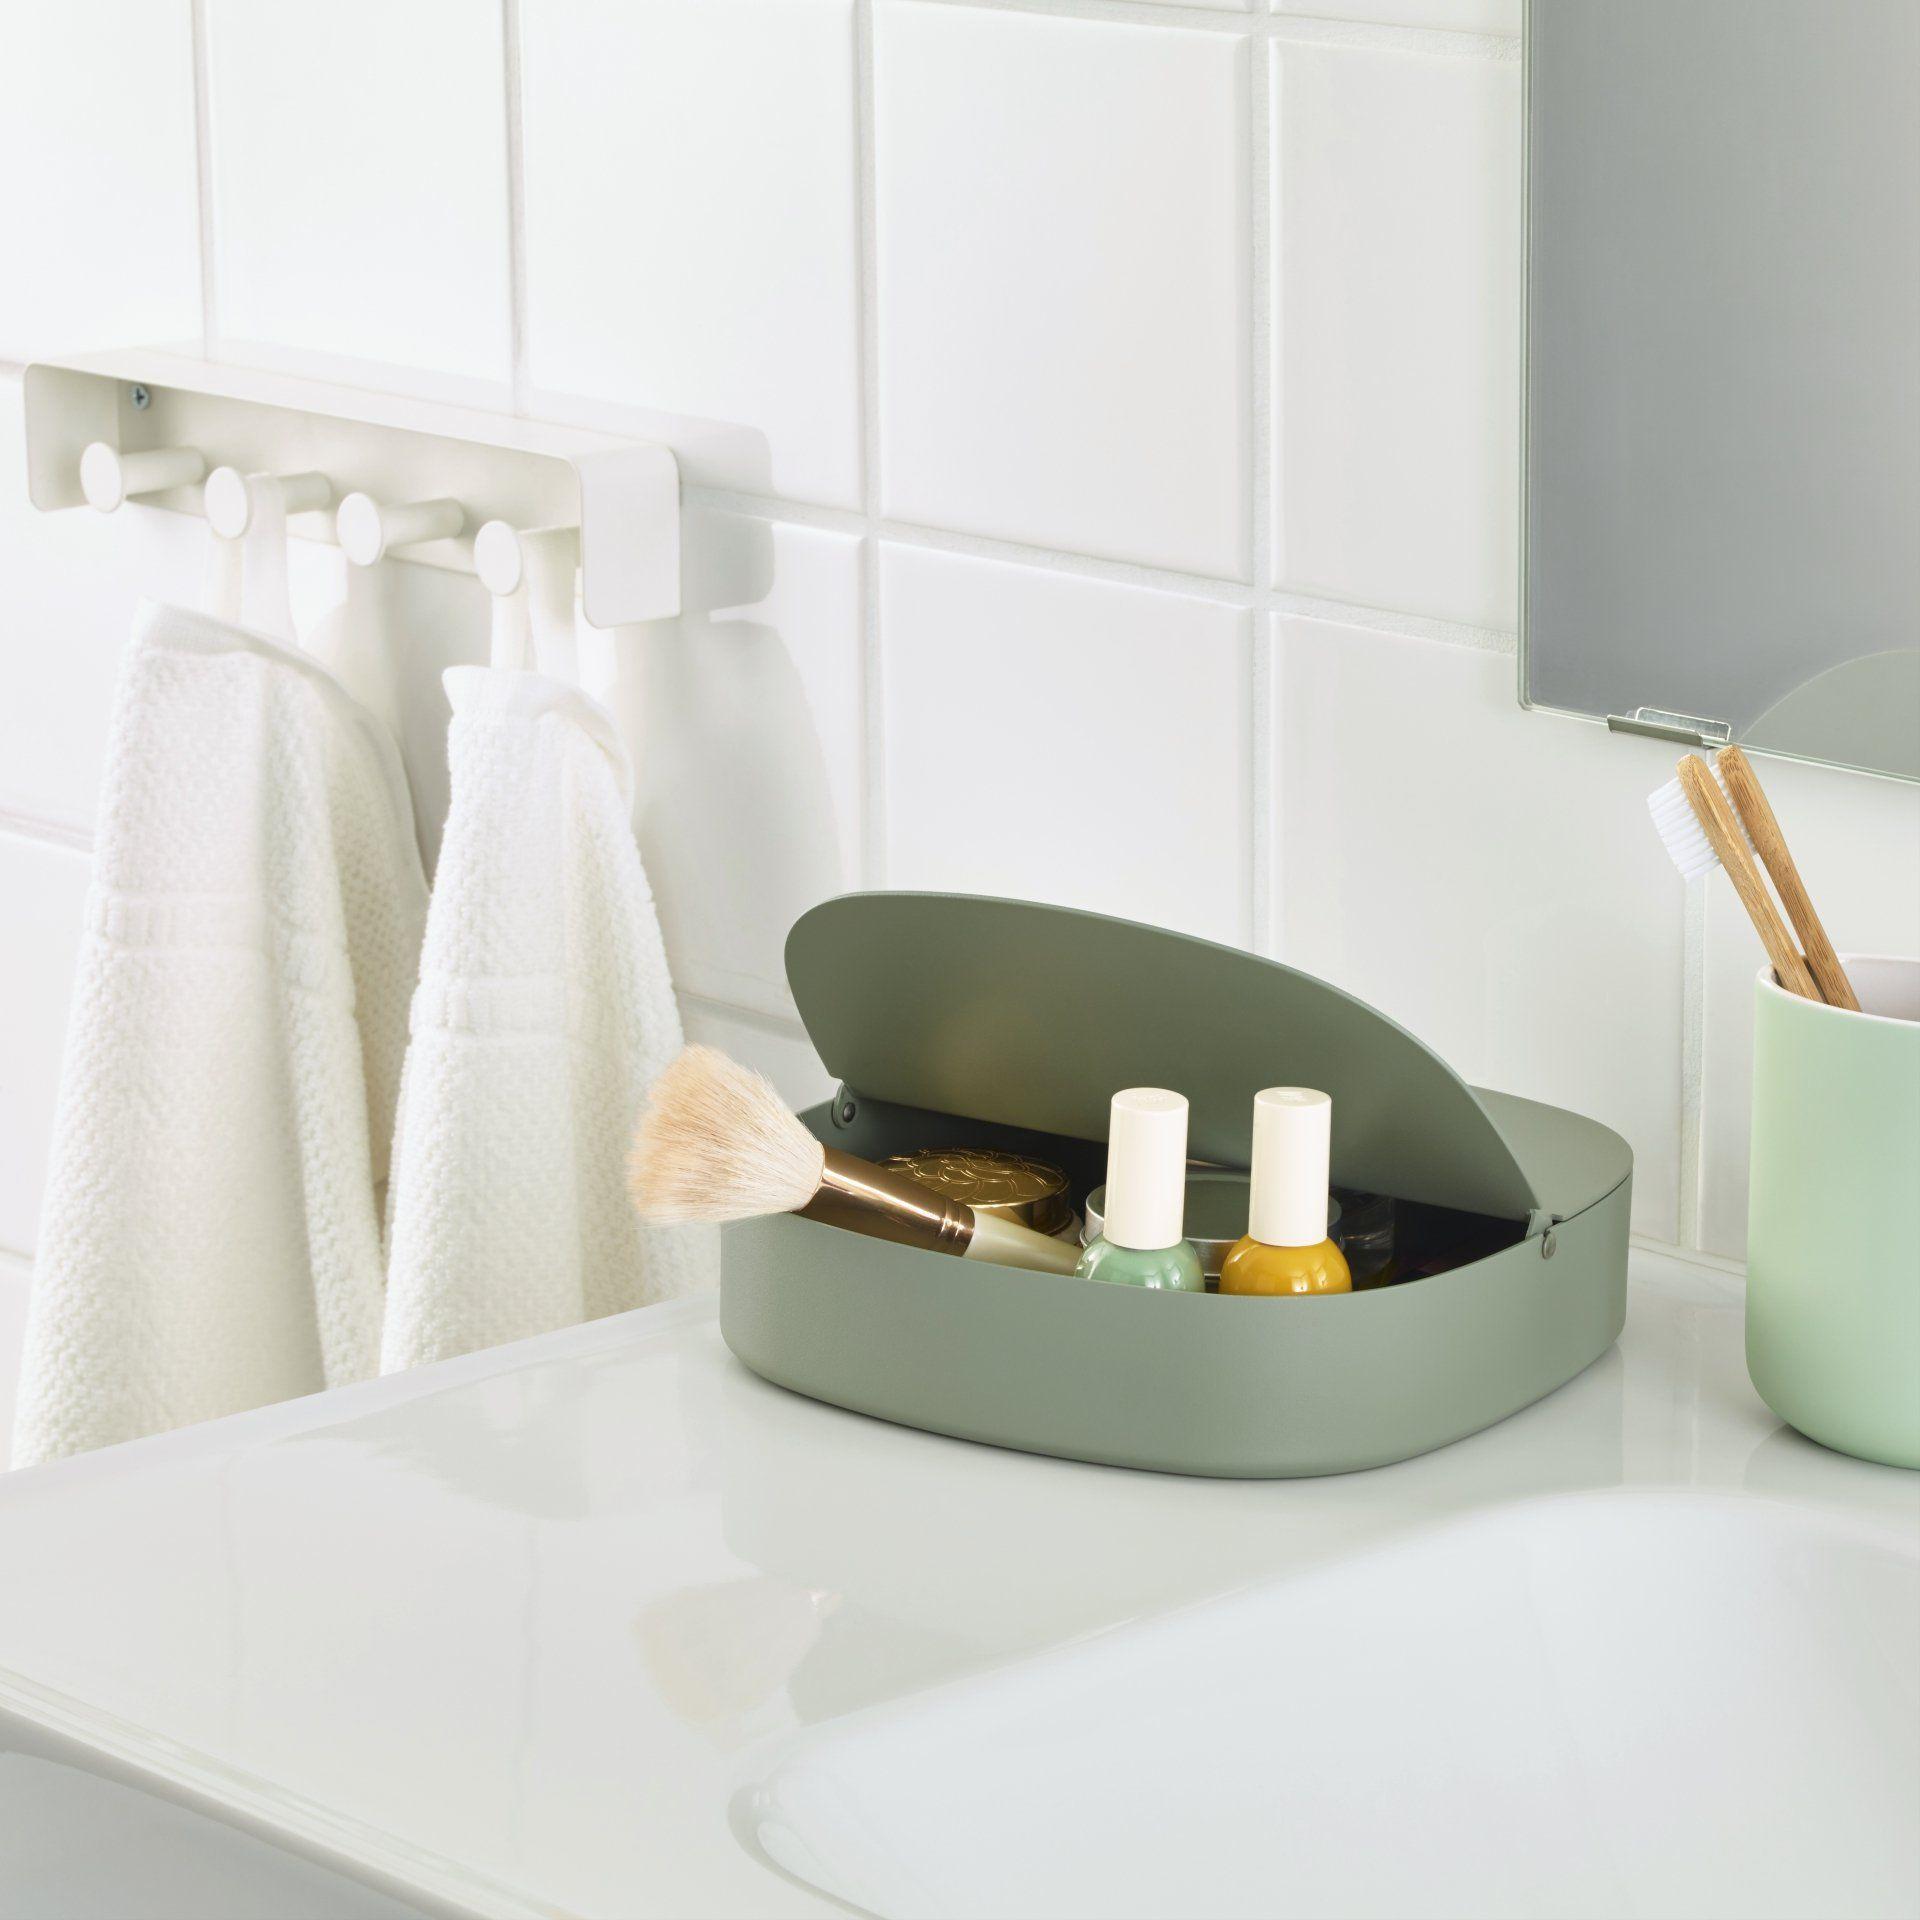 Accessoires Pour Salle De Bain Design ~ une joie bo te de rangement moderne et design vert d eau pour la